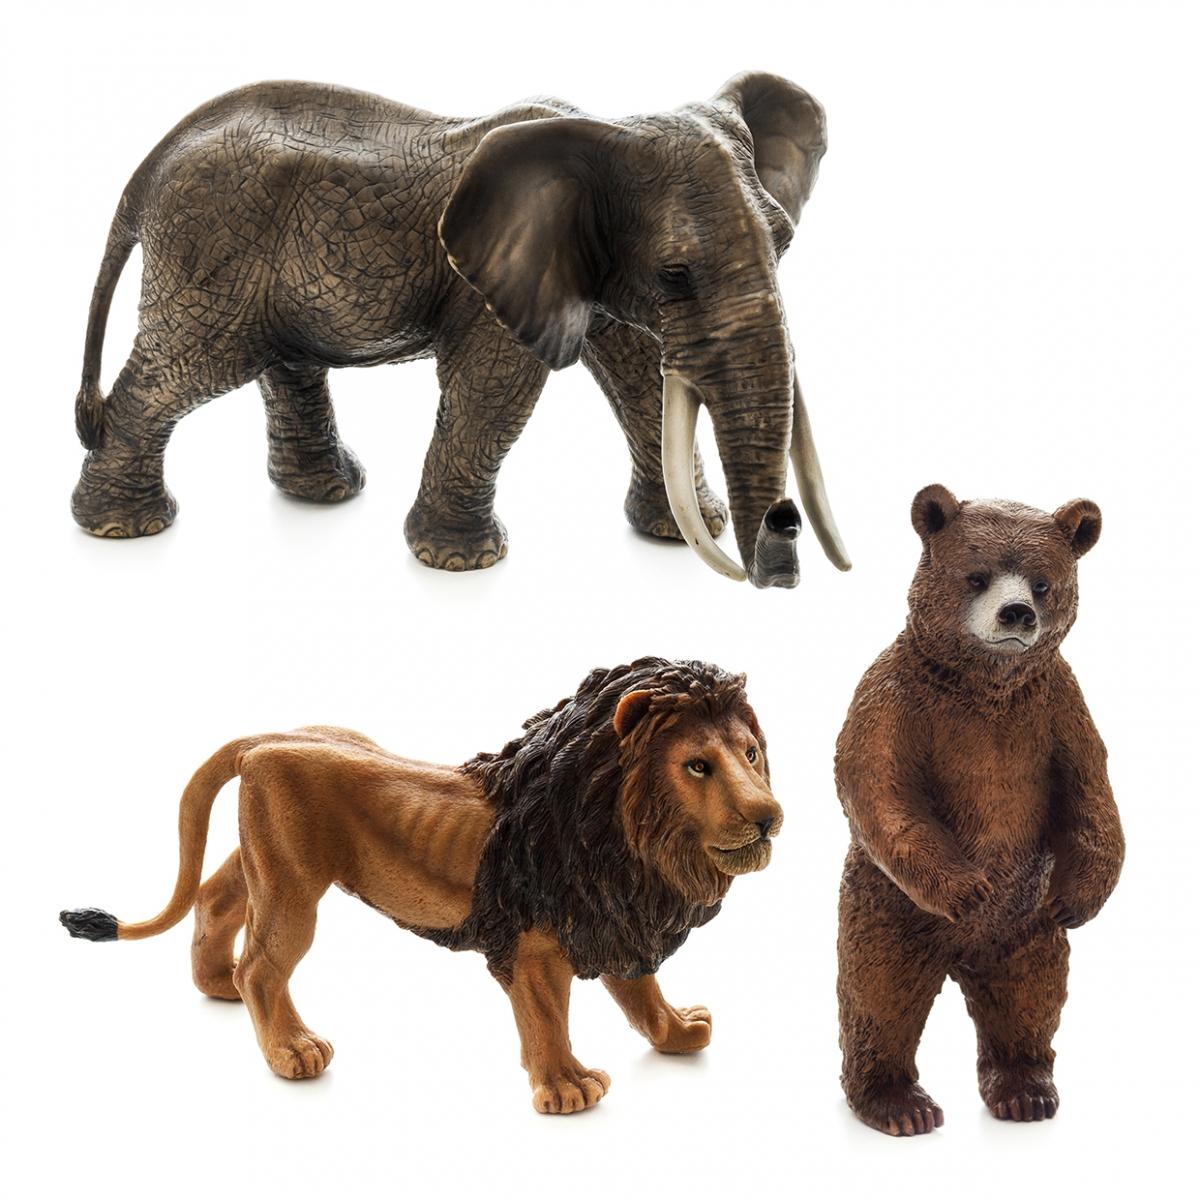 Imagen en la que se ven tres animales: un elefante, un león y un oso